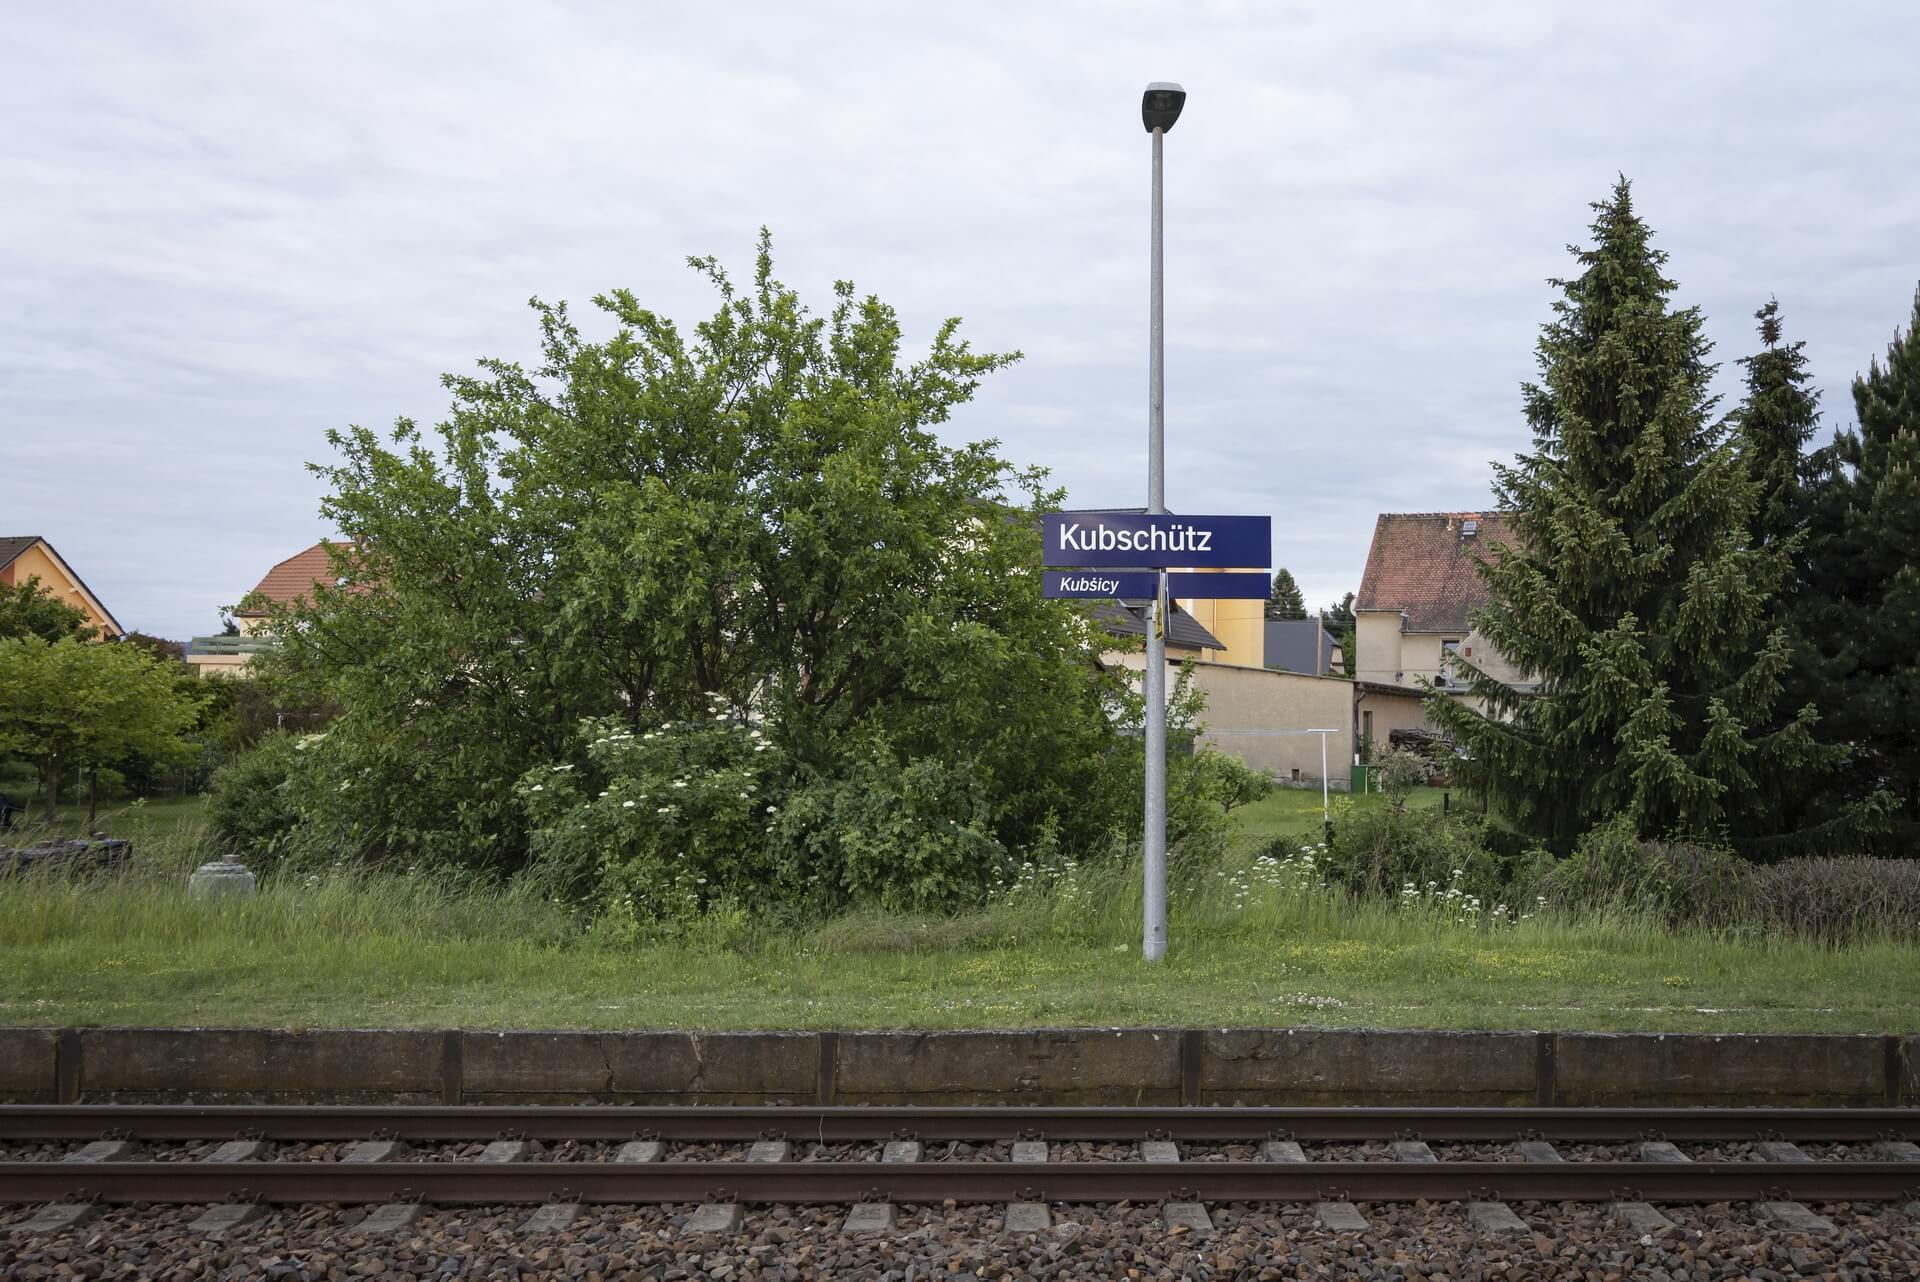 Kubschütz, Bahnhof